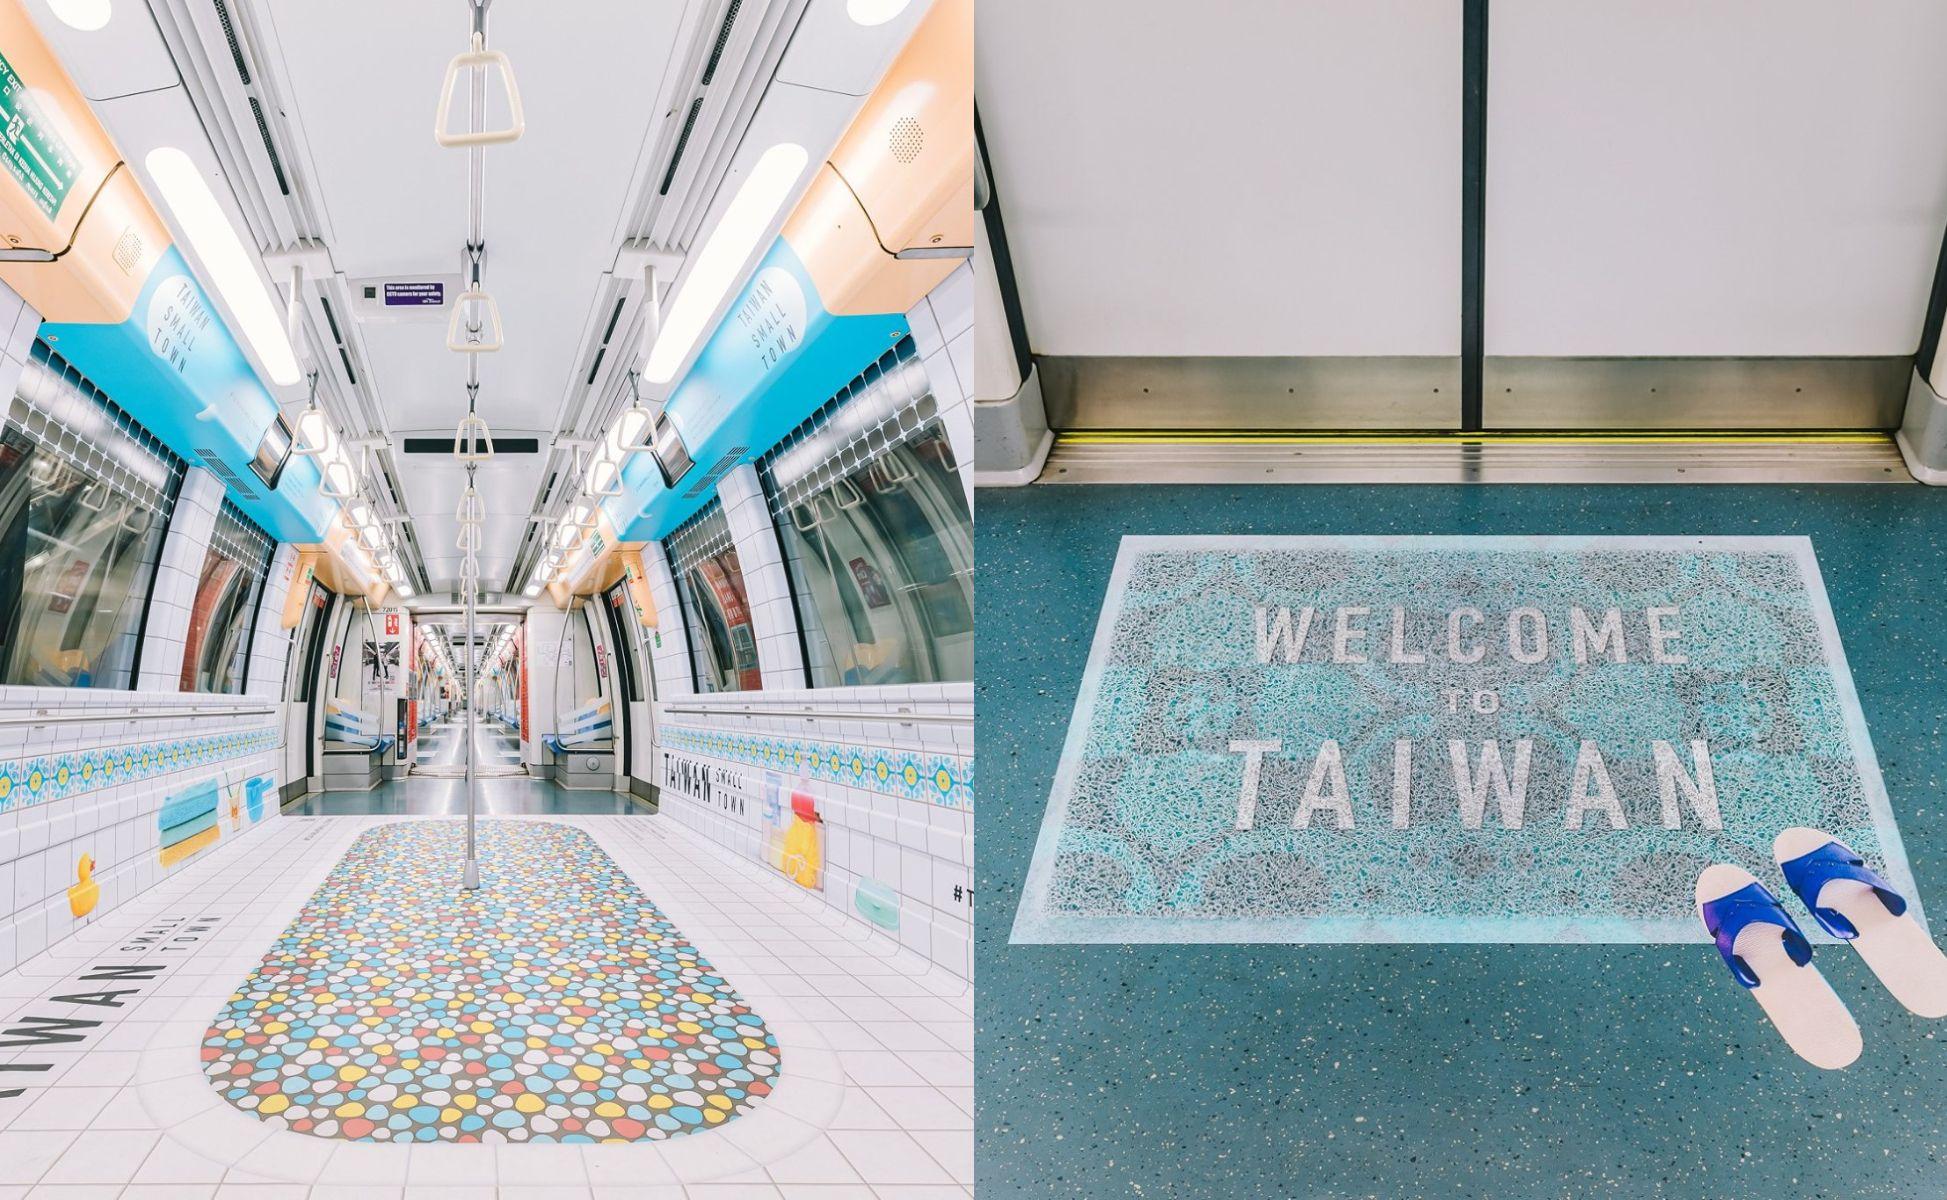 阿嬤家的回憶!台灣「古早味澡堂」登新加坡地鐵榮獲創意大獎,結合馬賽克磁磚、藍白拖、鐵窗花...精準還原在地台灣味!